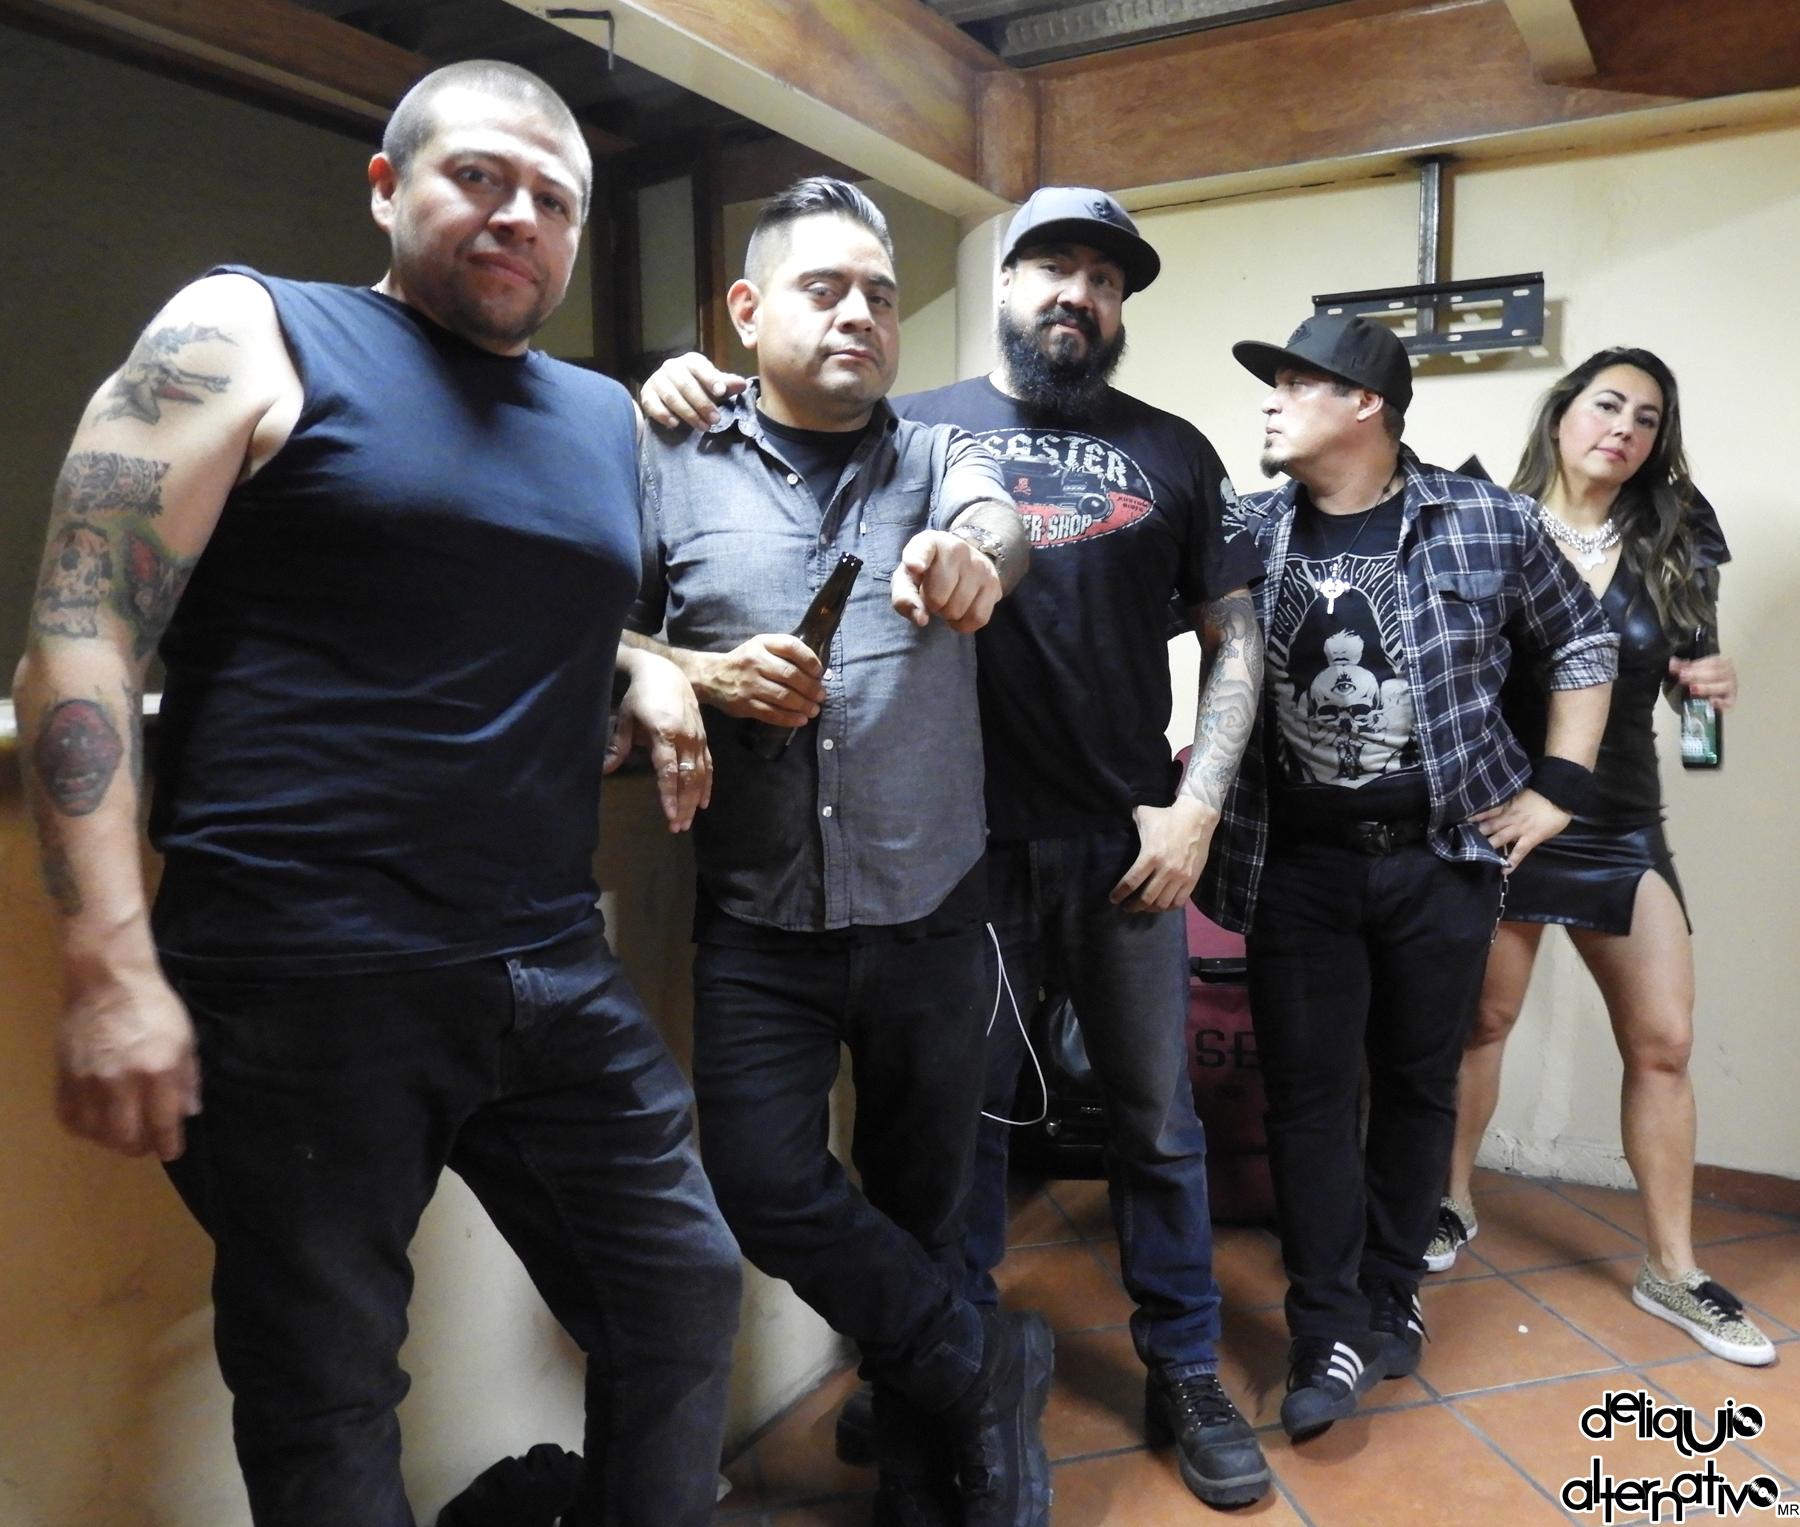 Coapa Bitch lleva su p*rno Rock a Puebla